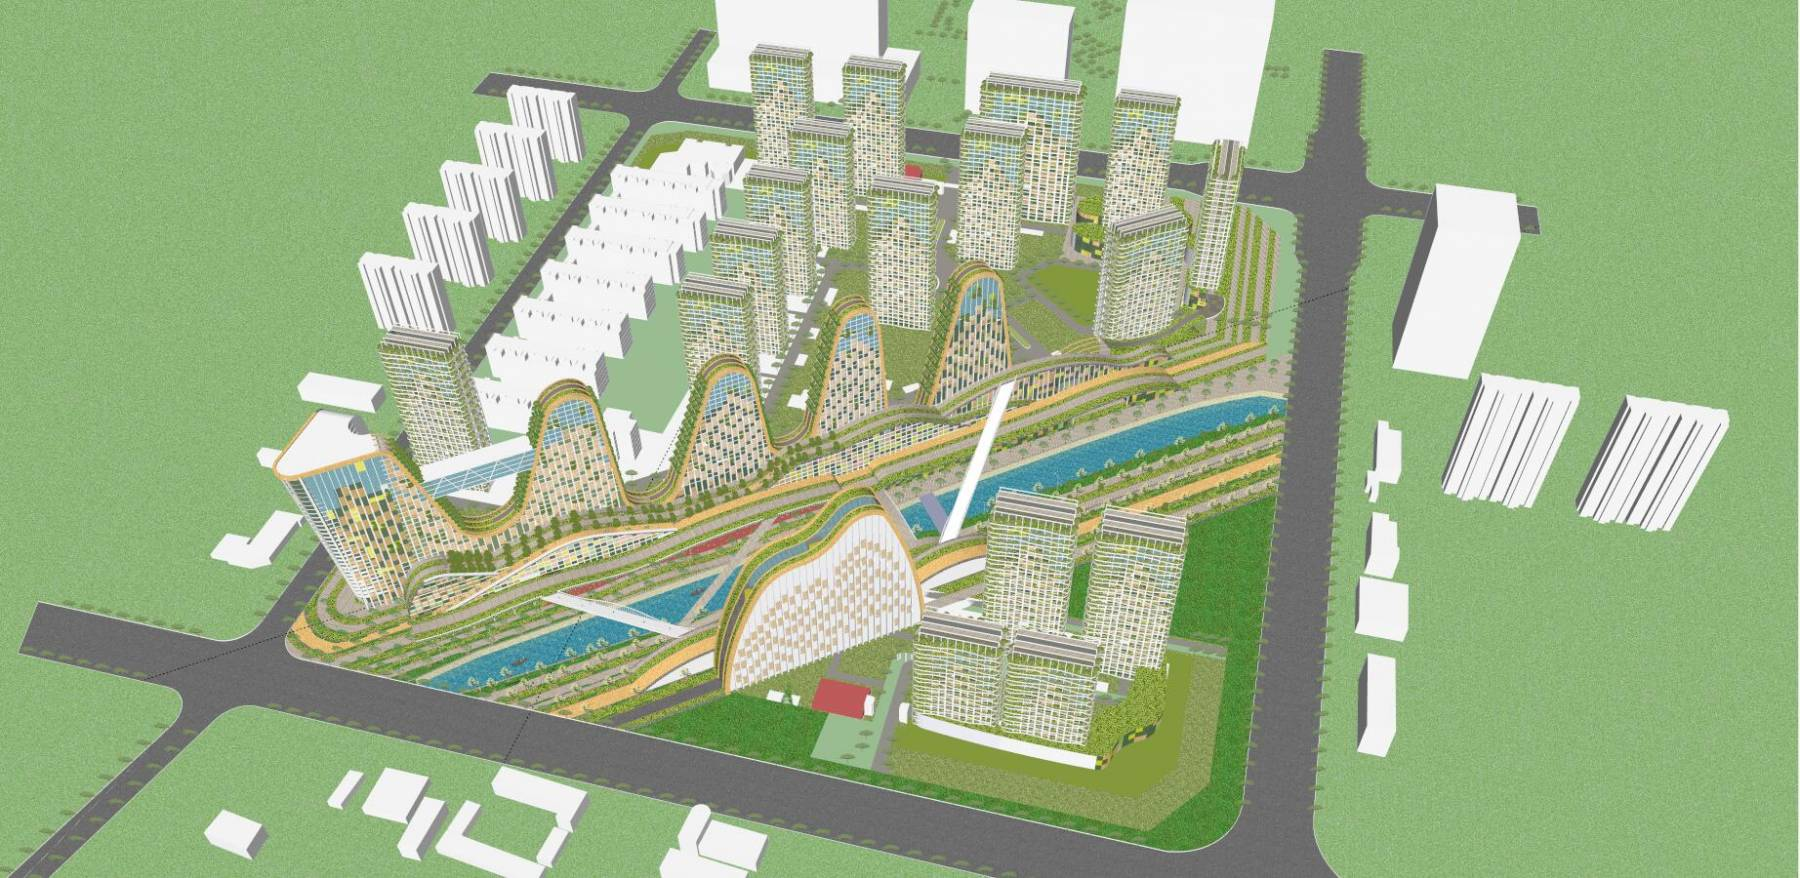 概念化商业办公楼综合体模型